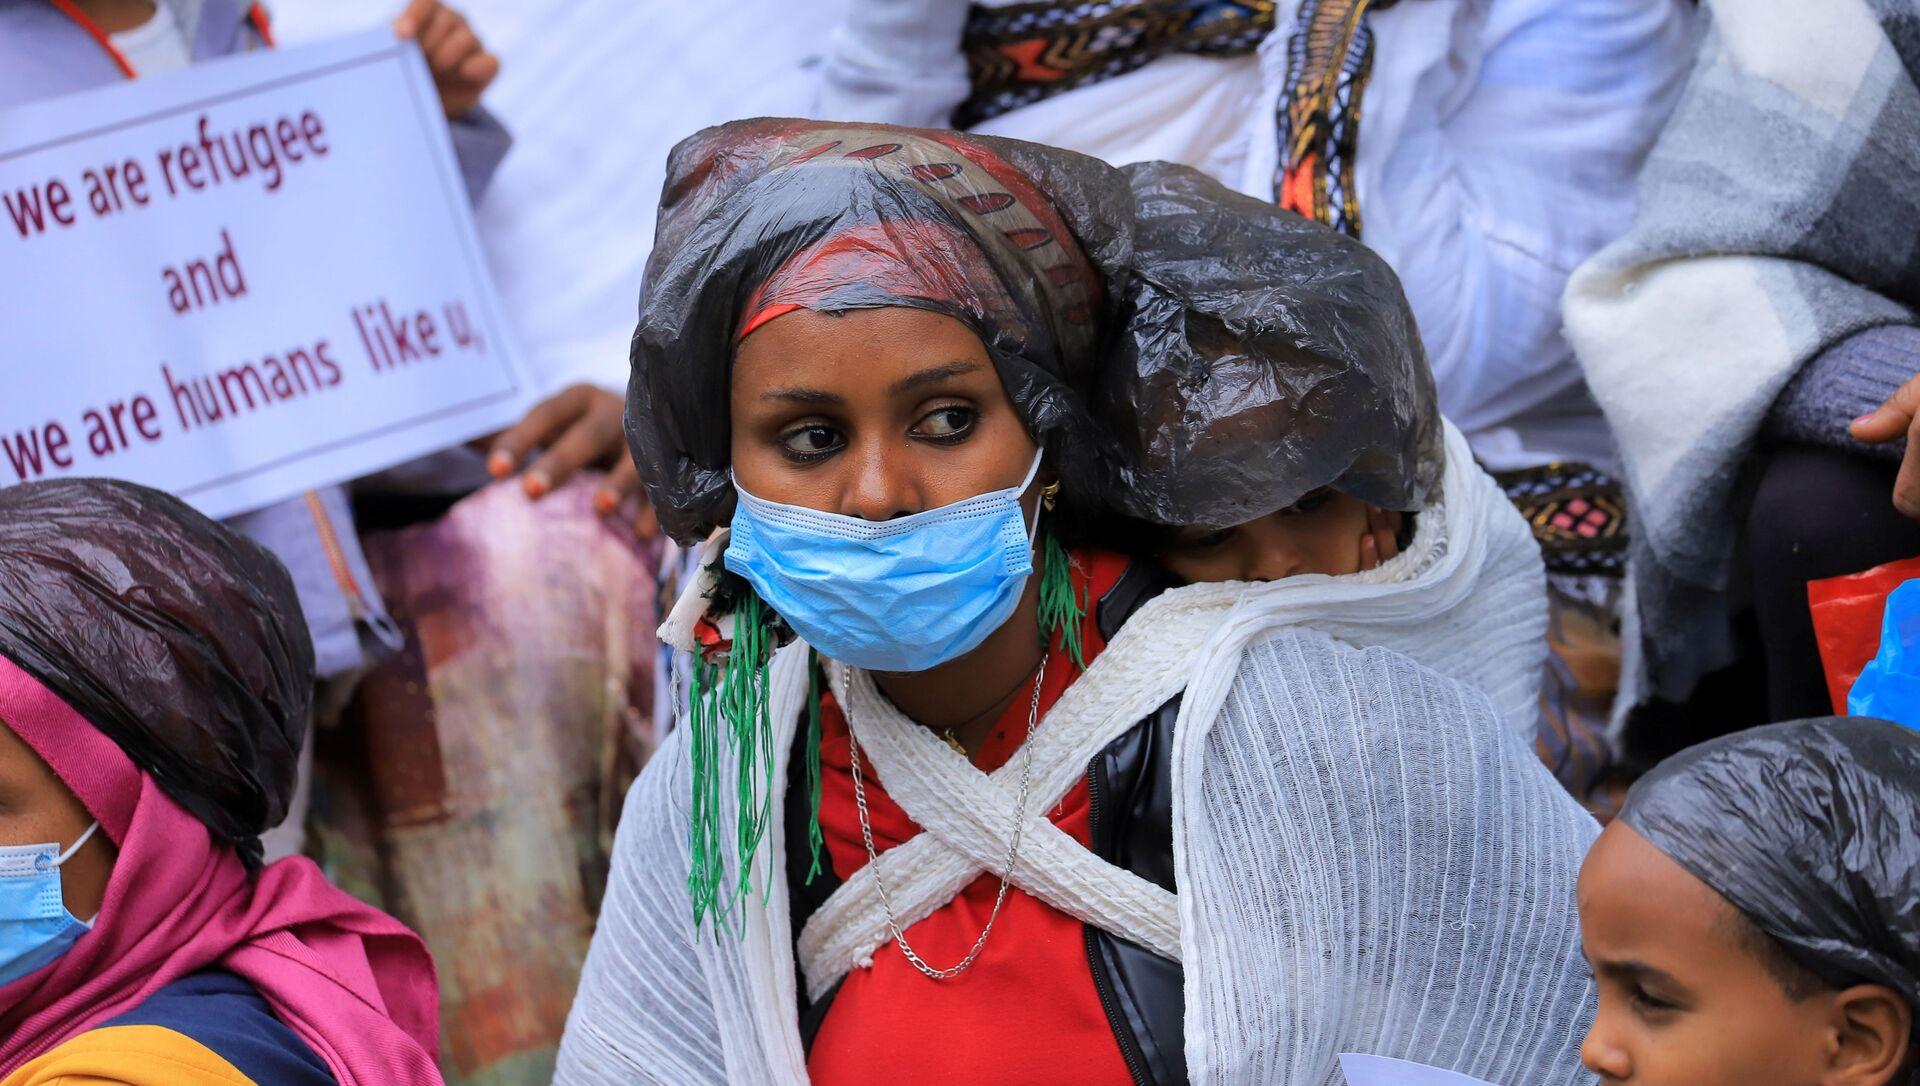 Người tị nạn Eritrean biểu tình trước văn phòng UNHCR ở Addis Ababa, Ethiopia - Sputnik Việt Nam, 1920, 27.08.2021